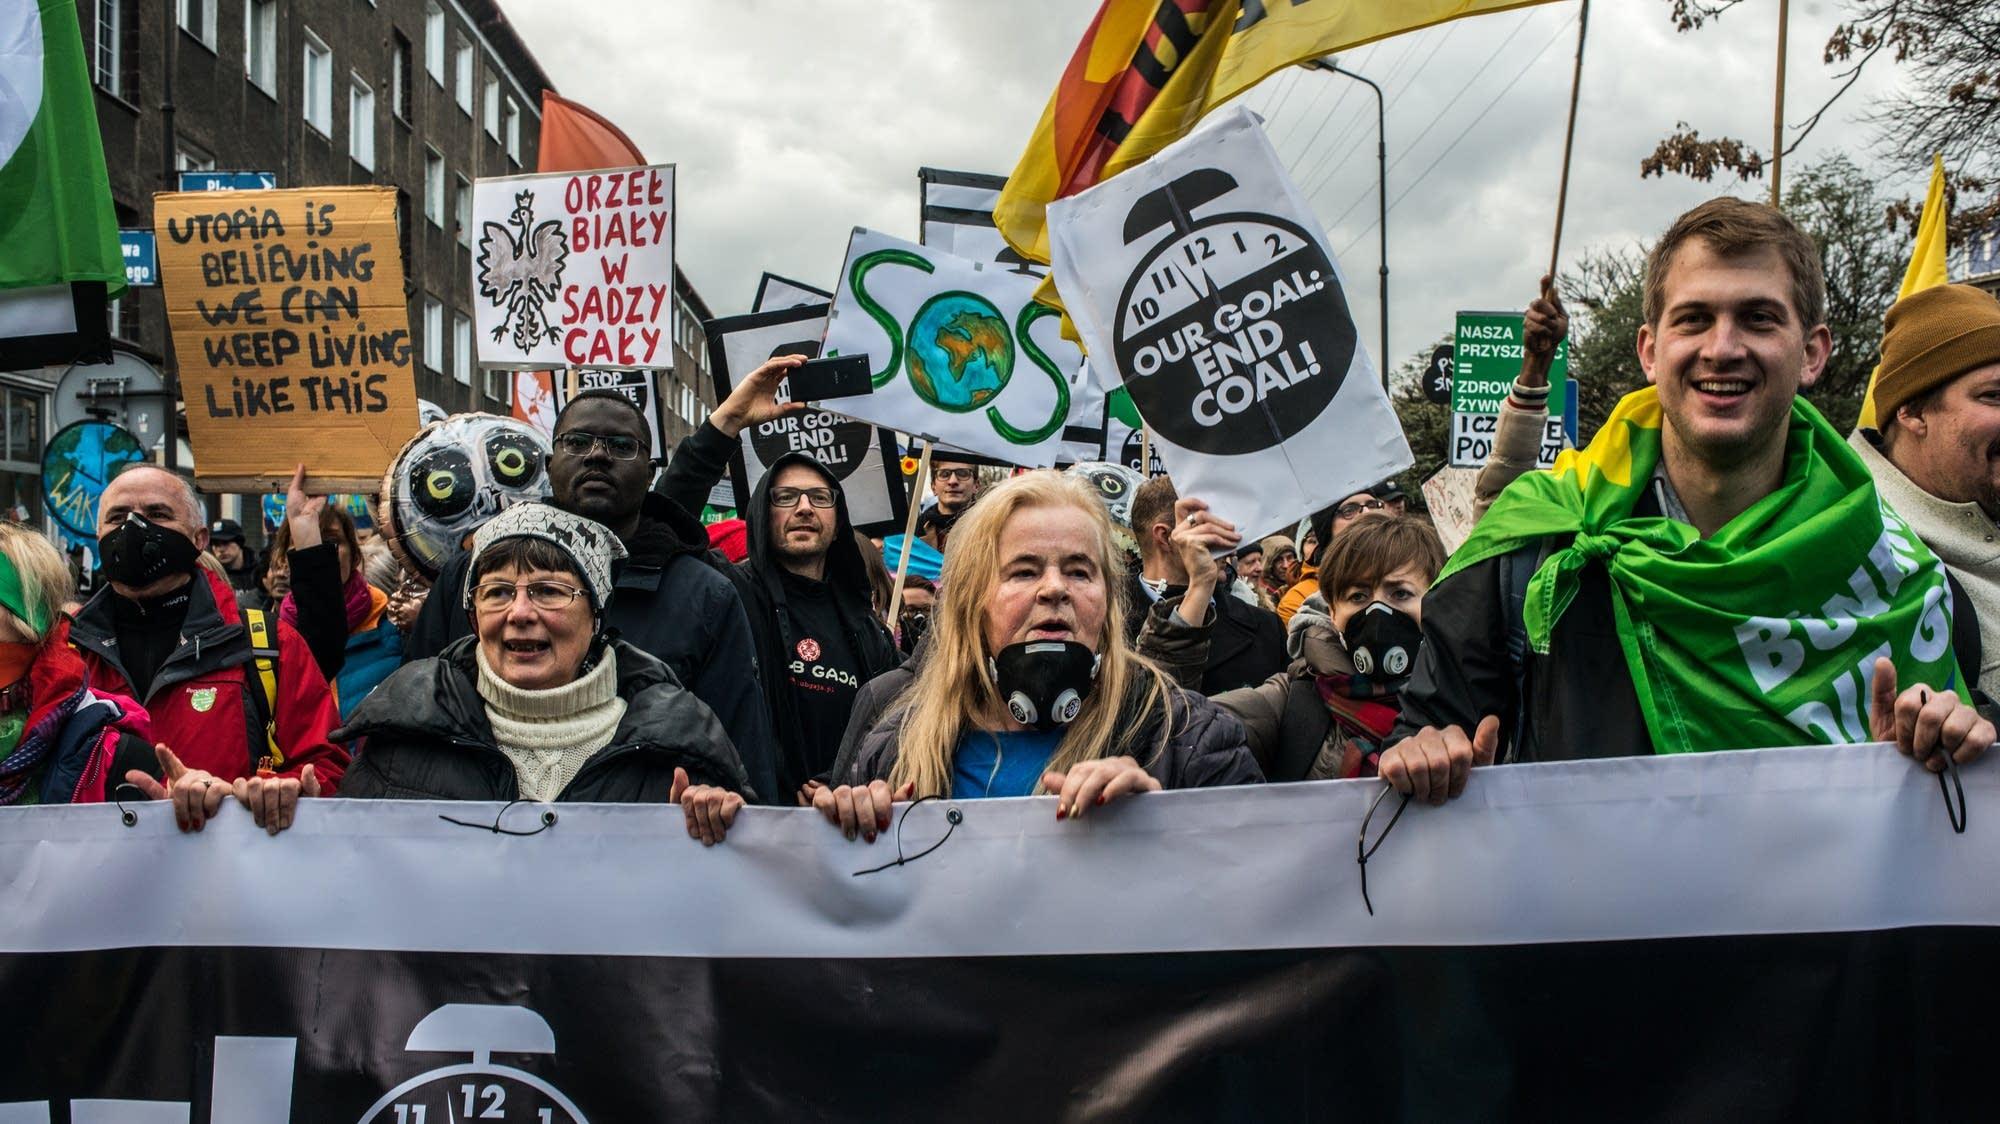 b0c5b63e7f77 Climate protest at UN talks in Poland Environmental protesters ...